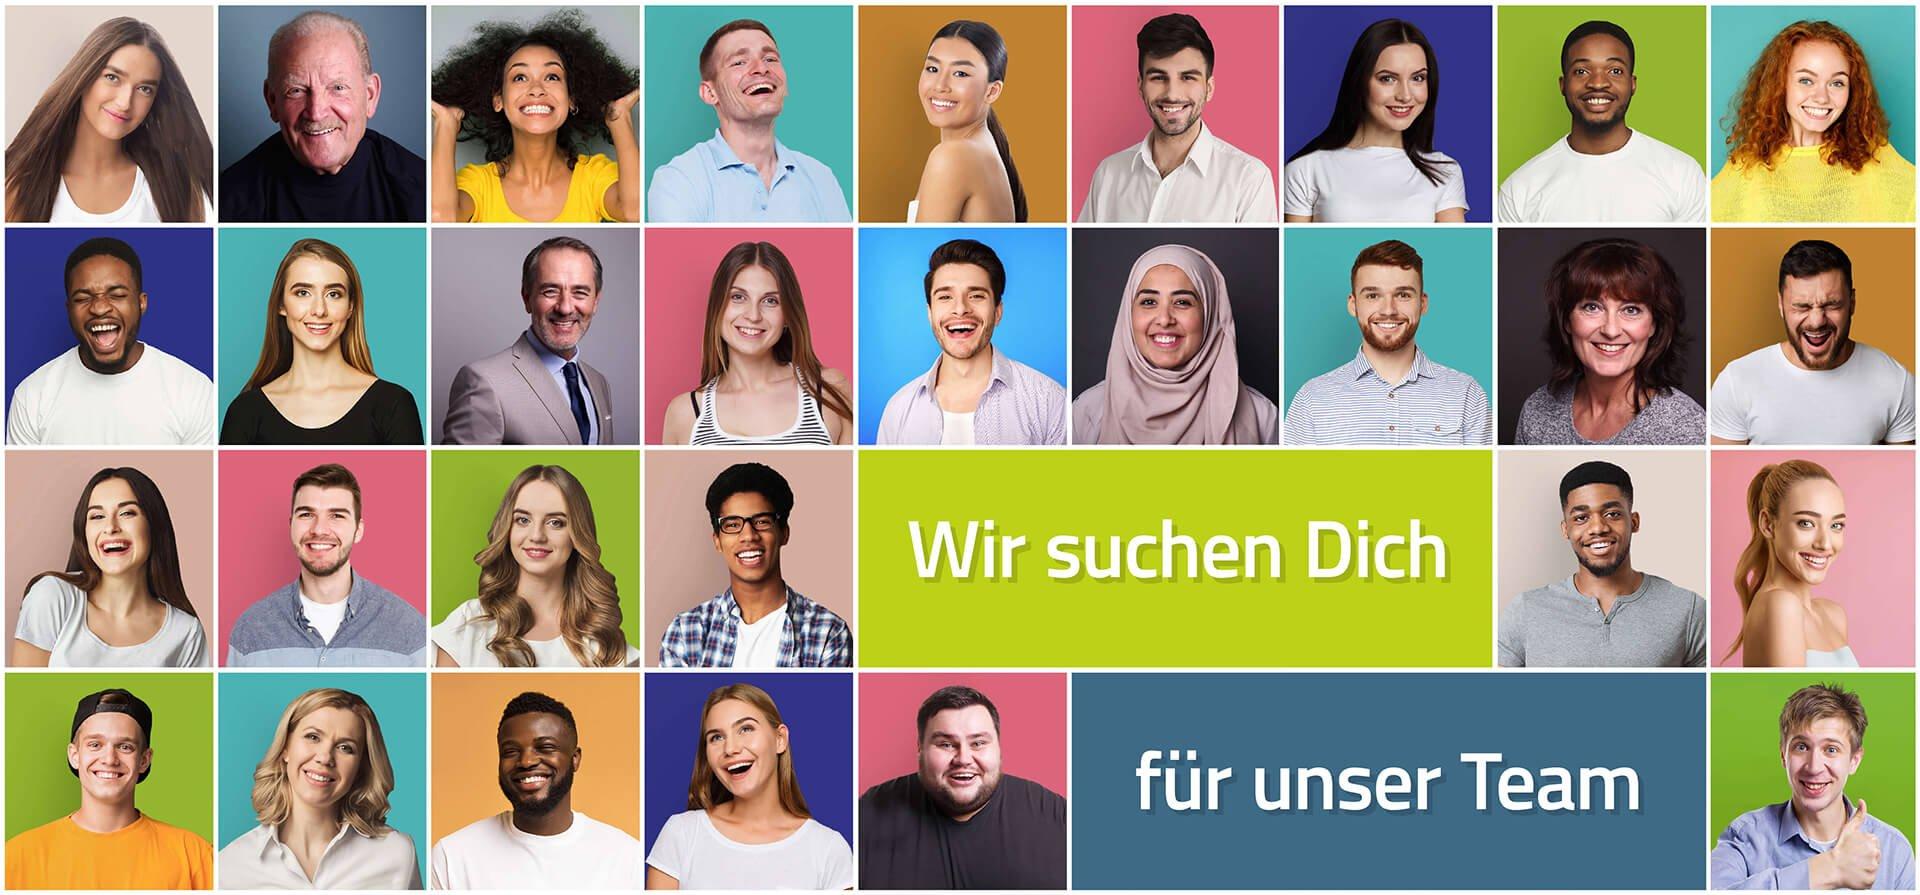 Mediengestalter / Grafiker (m/w/d) Online und Print bei Stellen-Kombi GmbH